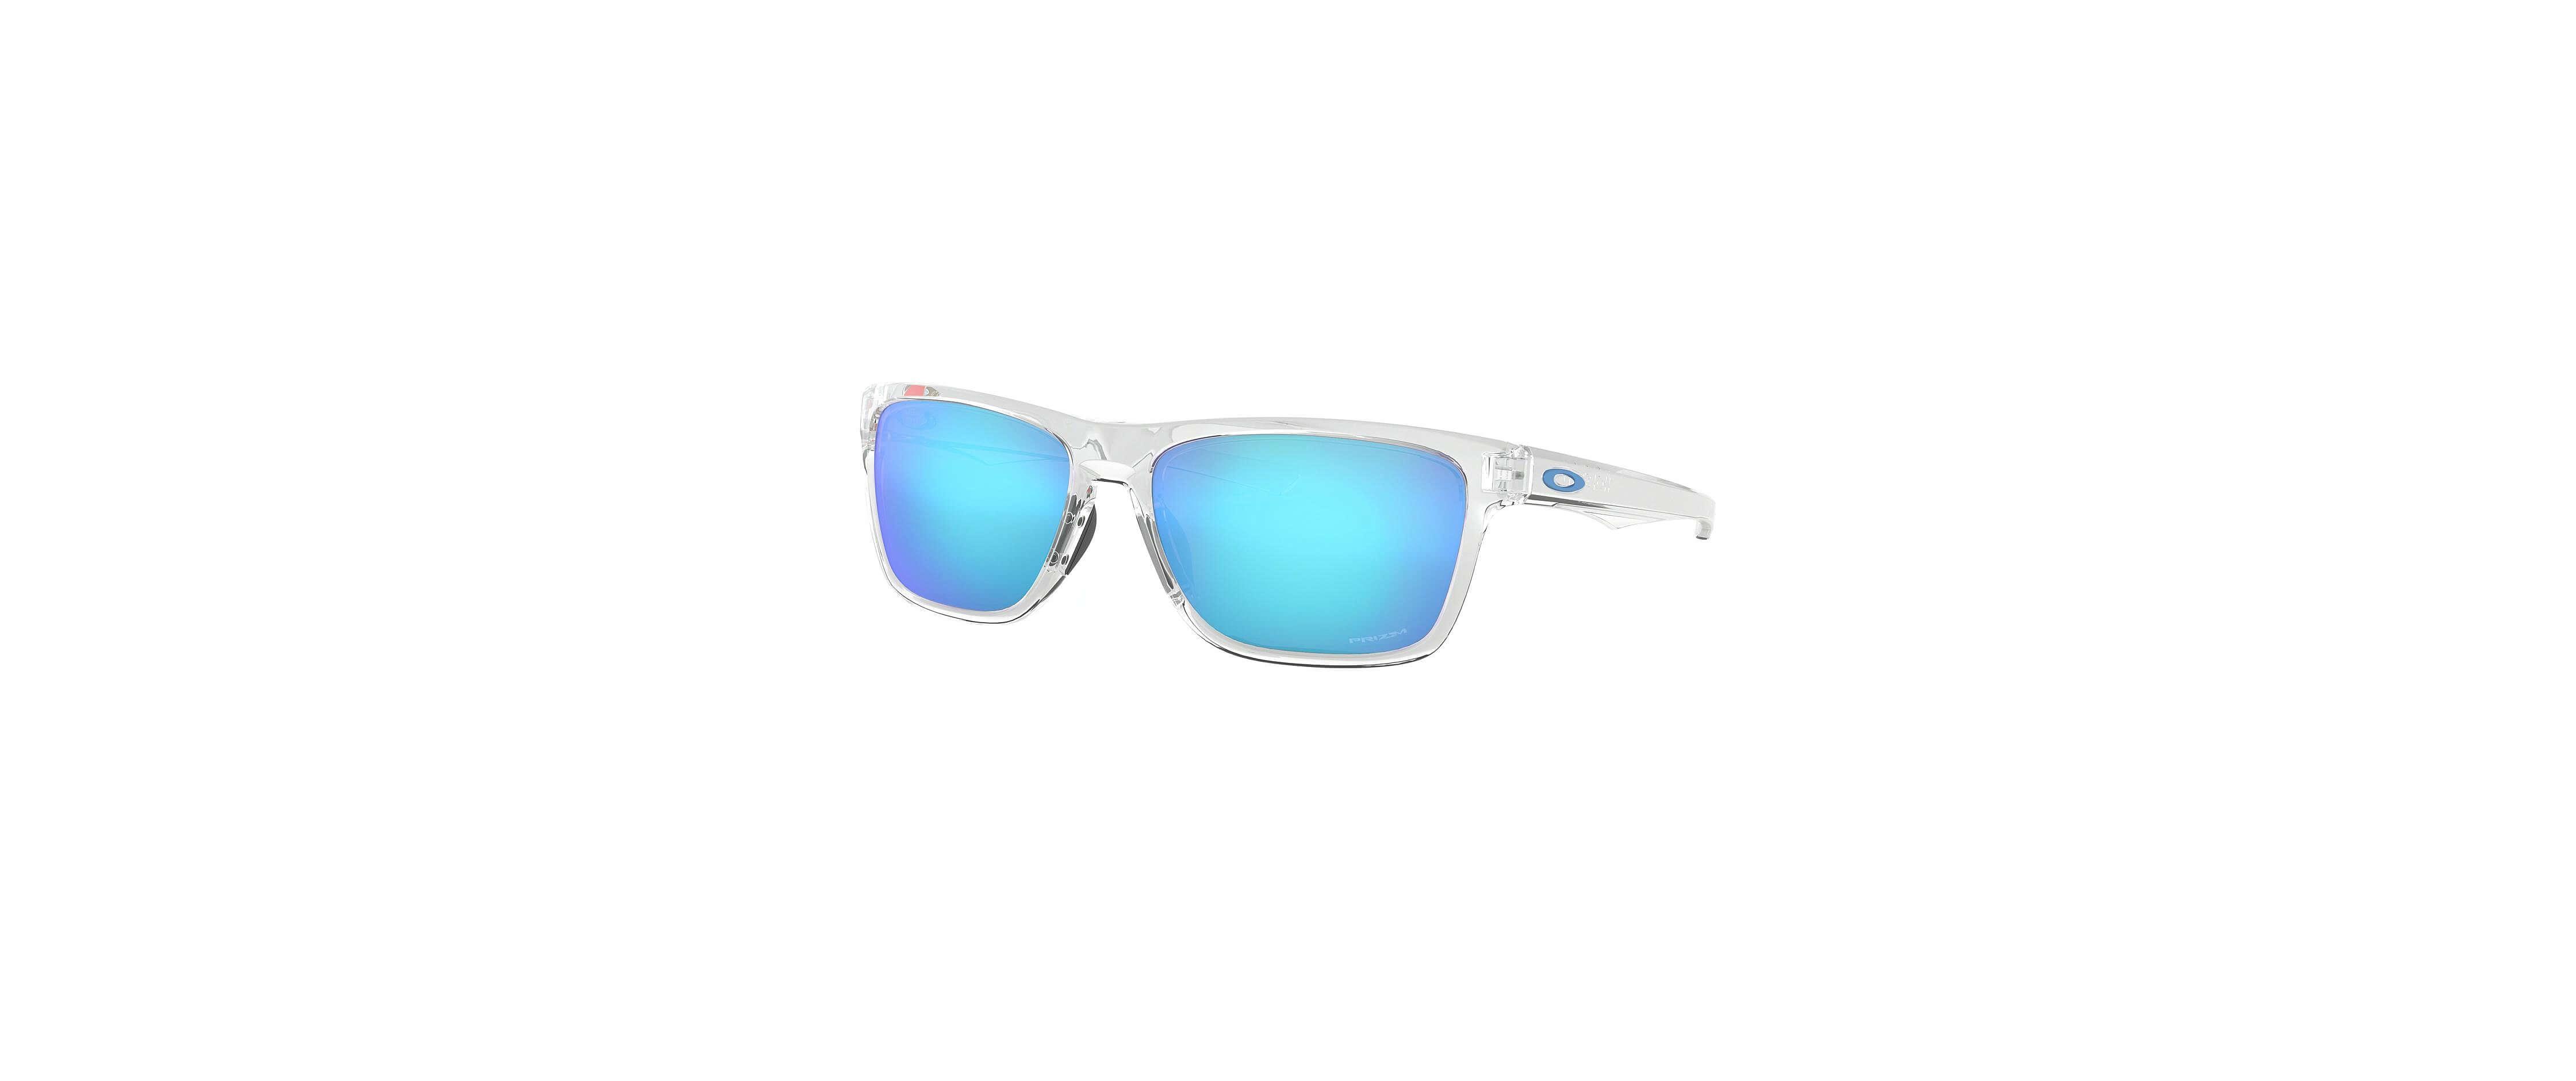 7a5fc210e2 Oakley Holston Prizm Sunglasses